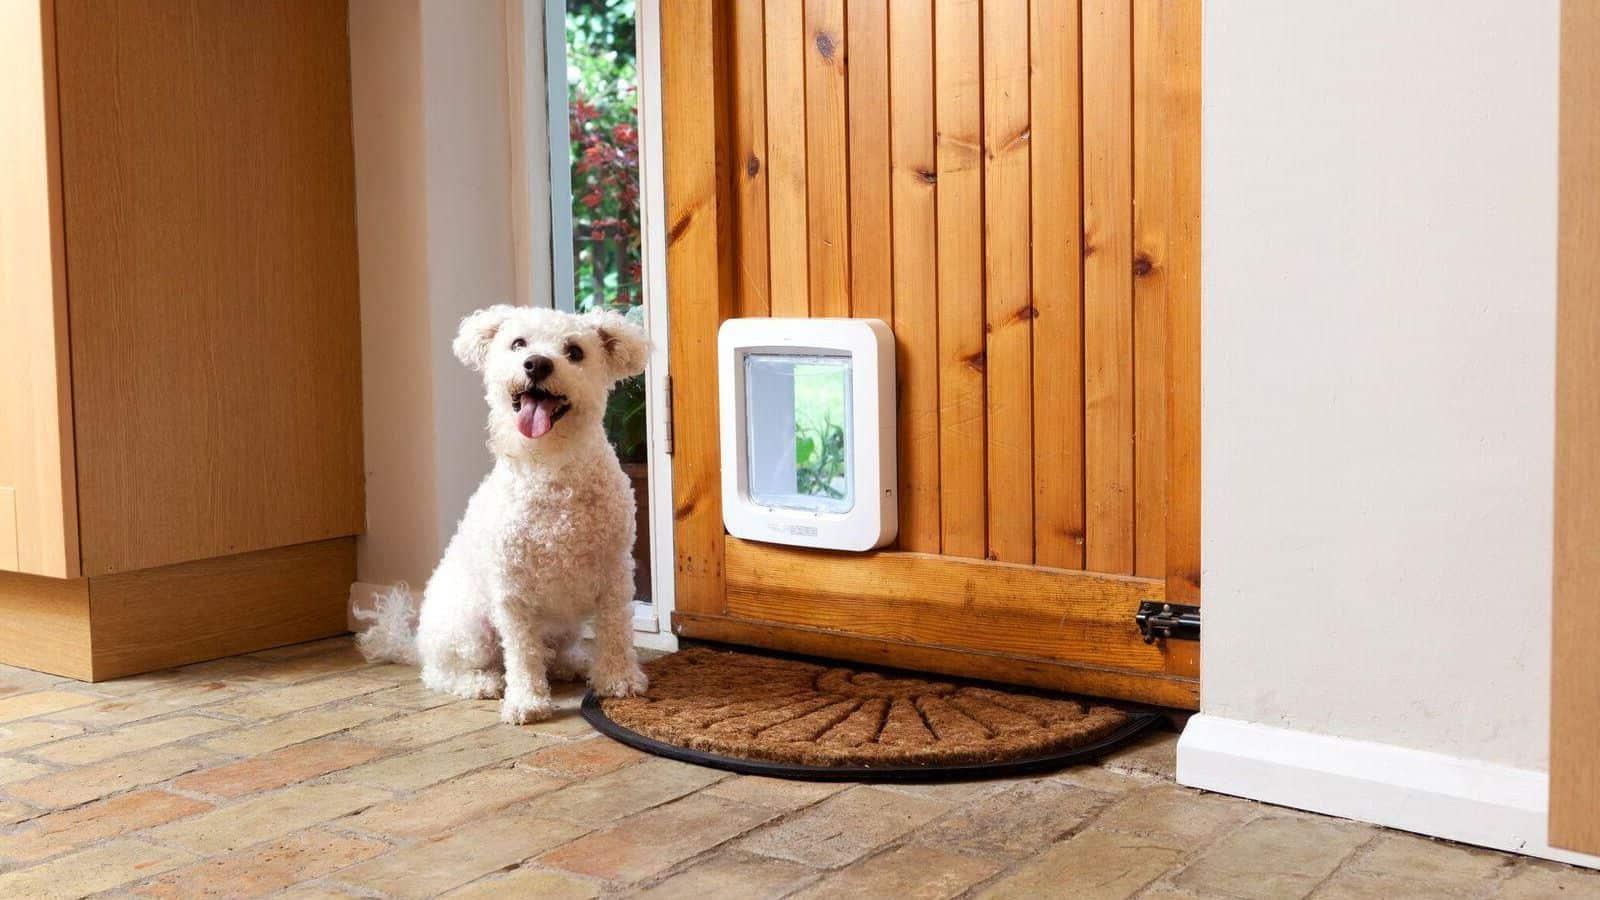 Beste hondenluiken in 2019: Beoordelingen & handleiding voor kopers